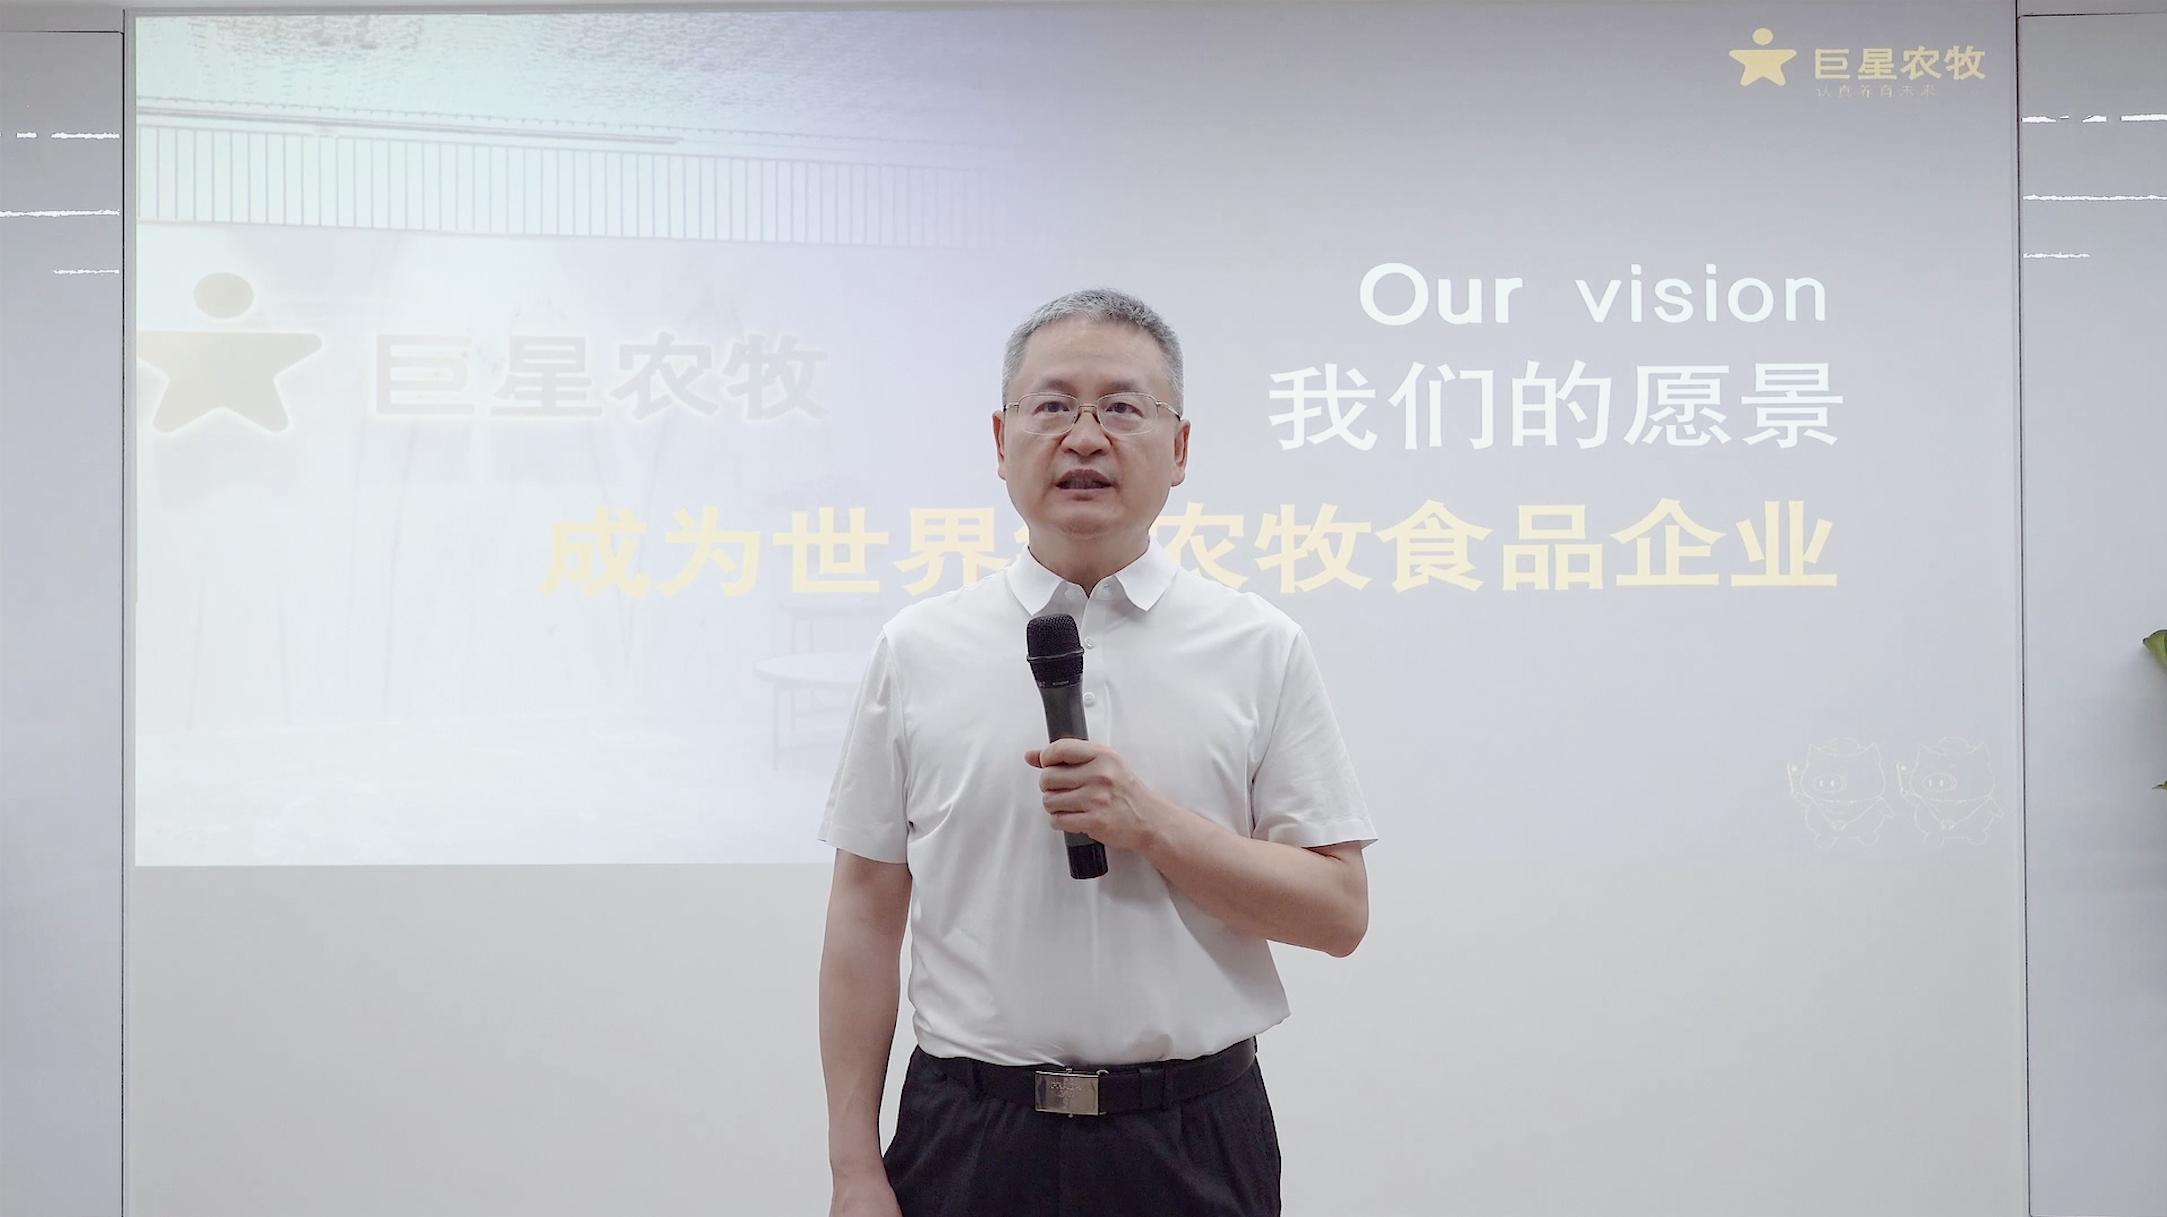 亚洲彩票app登录农牧2021全新升级文化体系正式发布